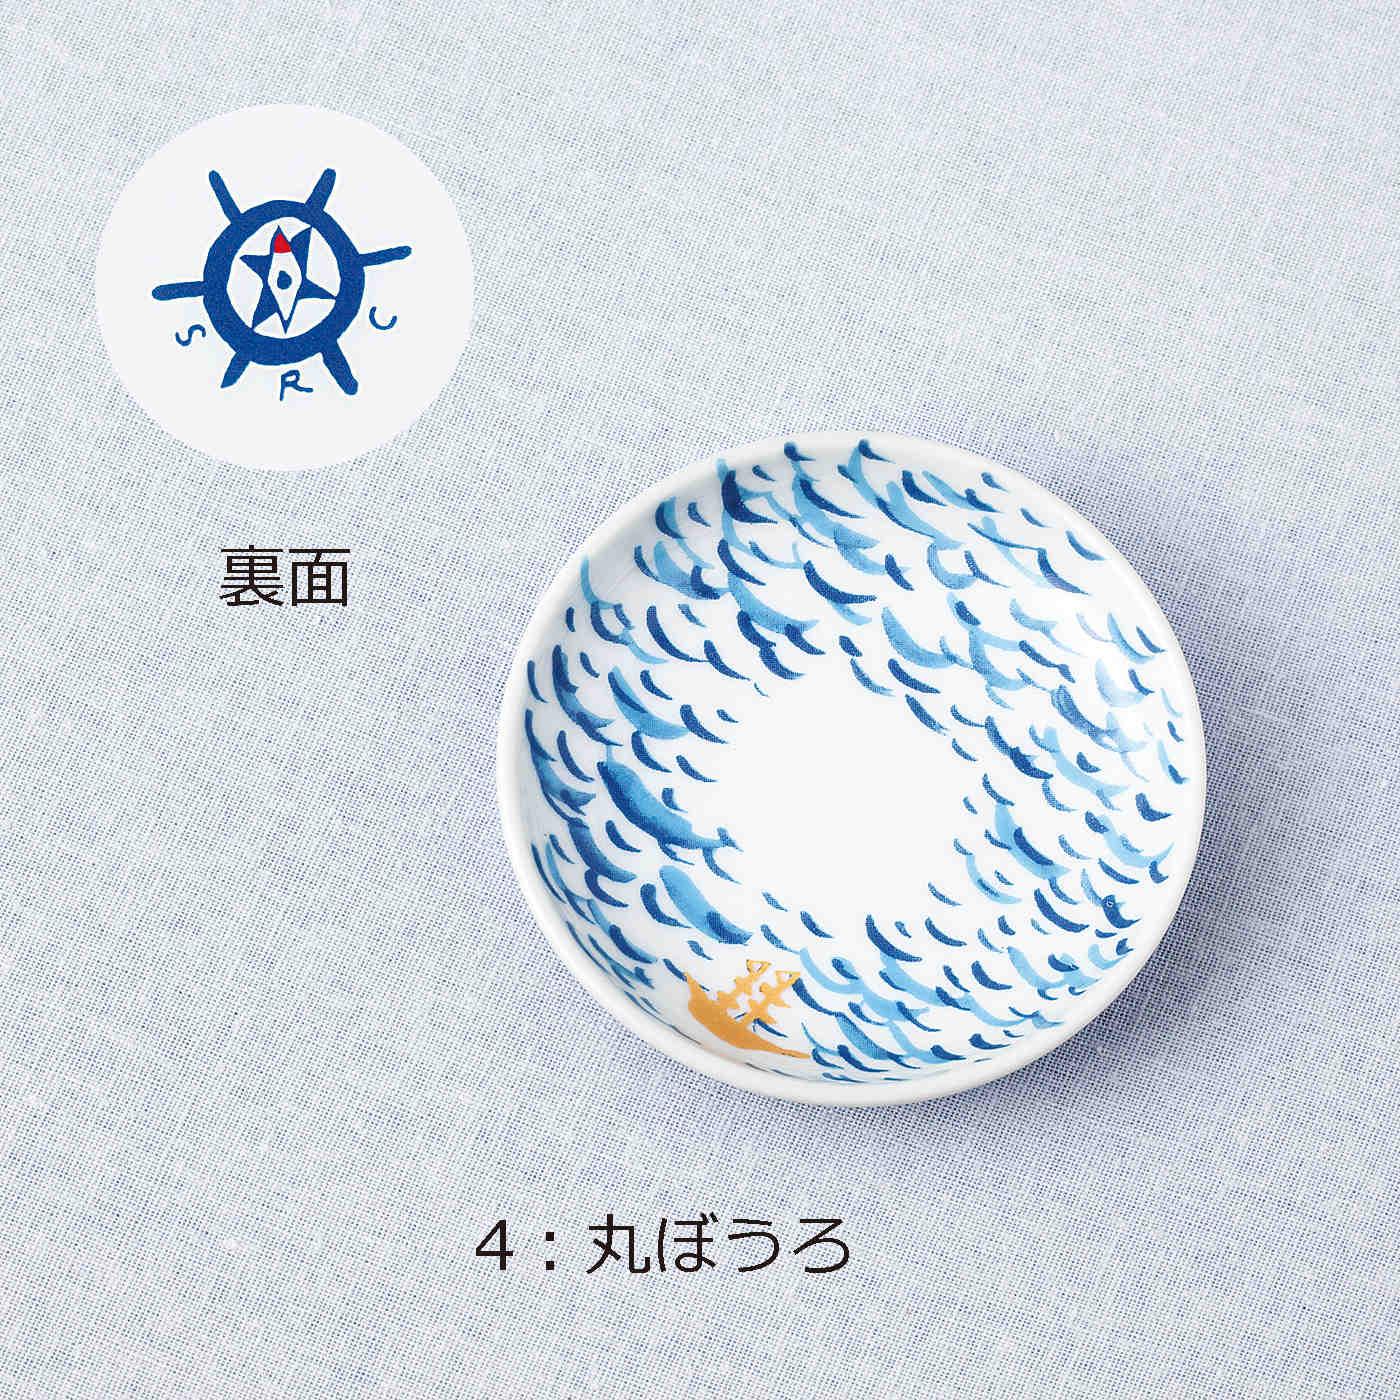 硬めに焼き上げられたシンプルなお菓子は、その昔、船員の保存食でした。時代と共に、日本で丸く、柔らかく進化したそう。